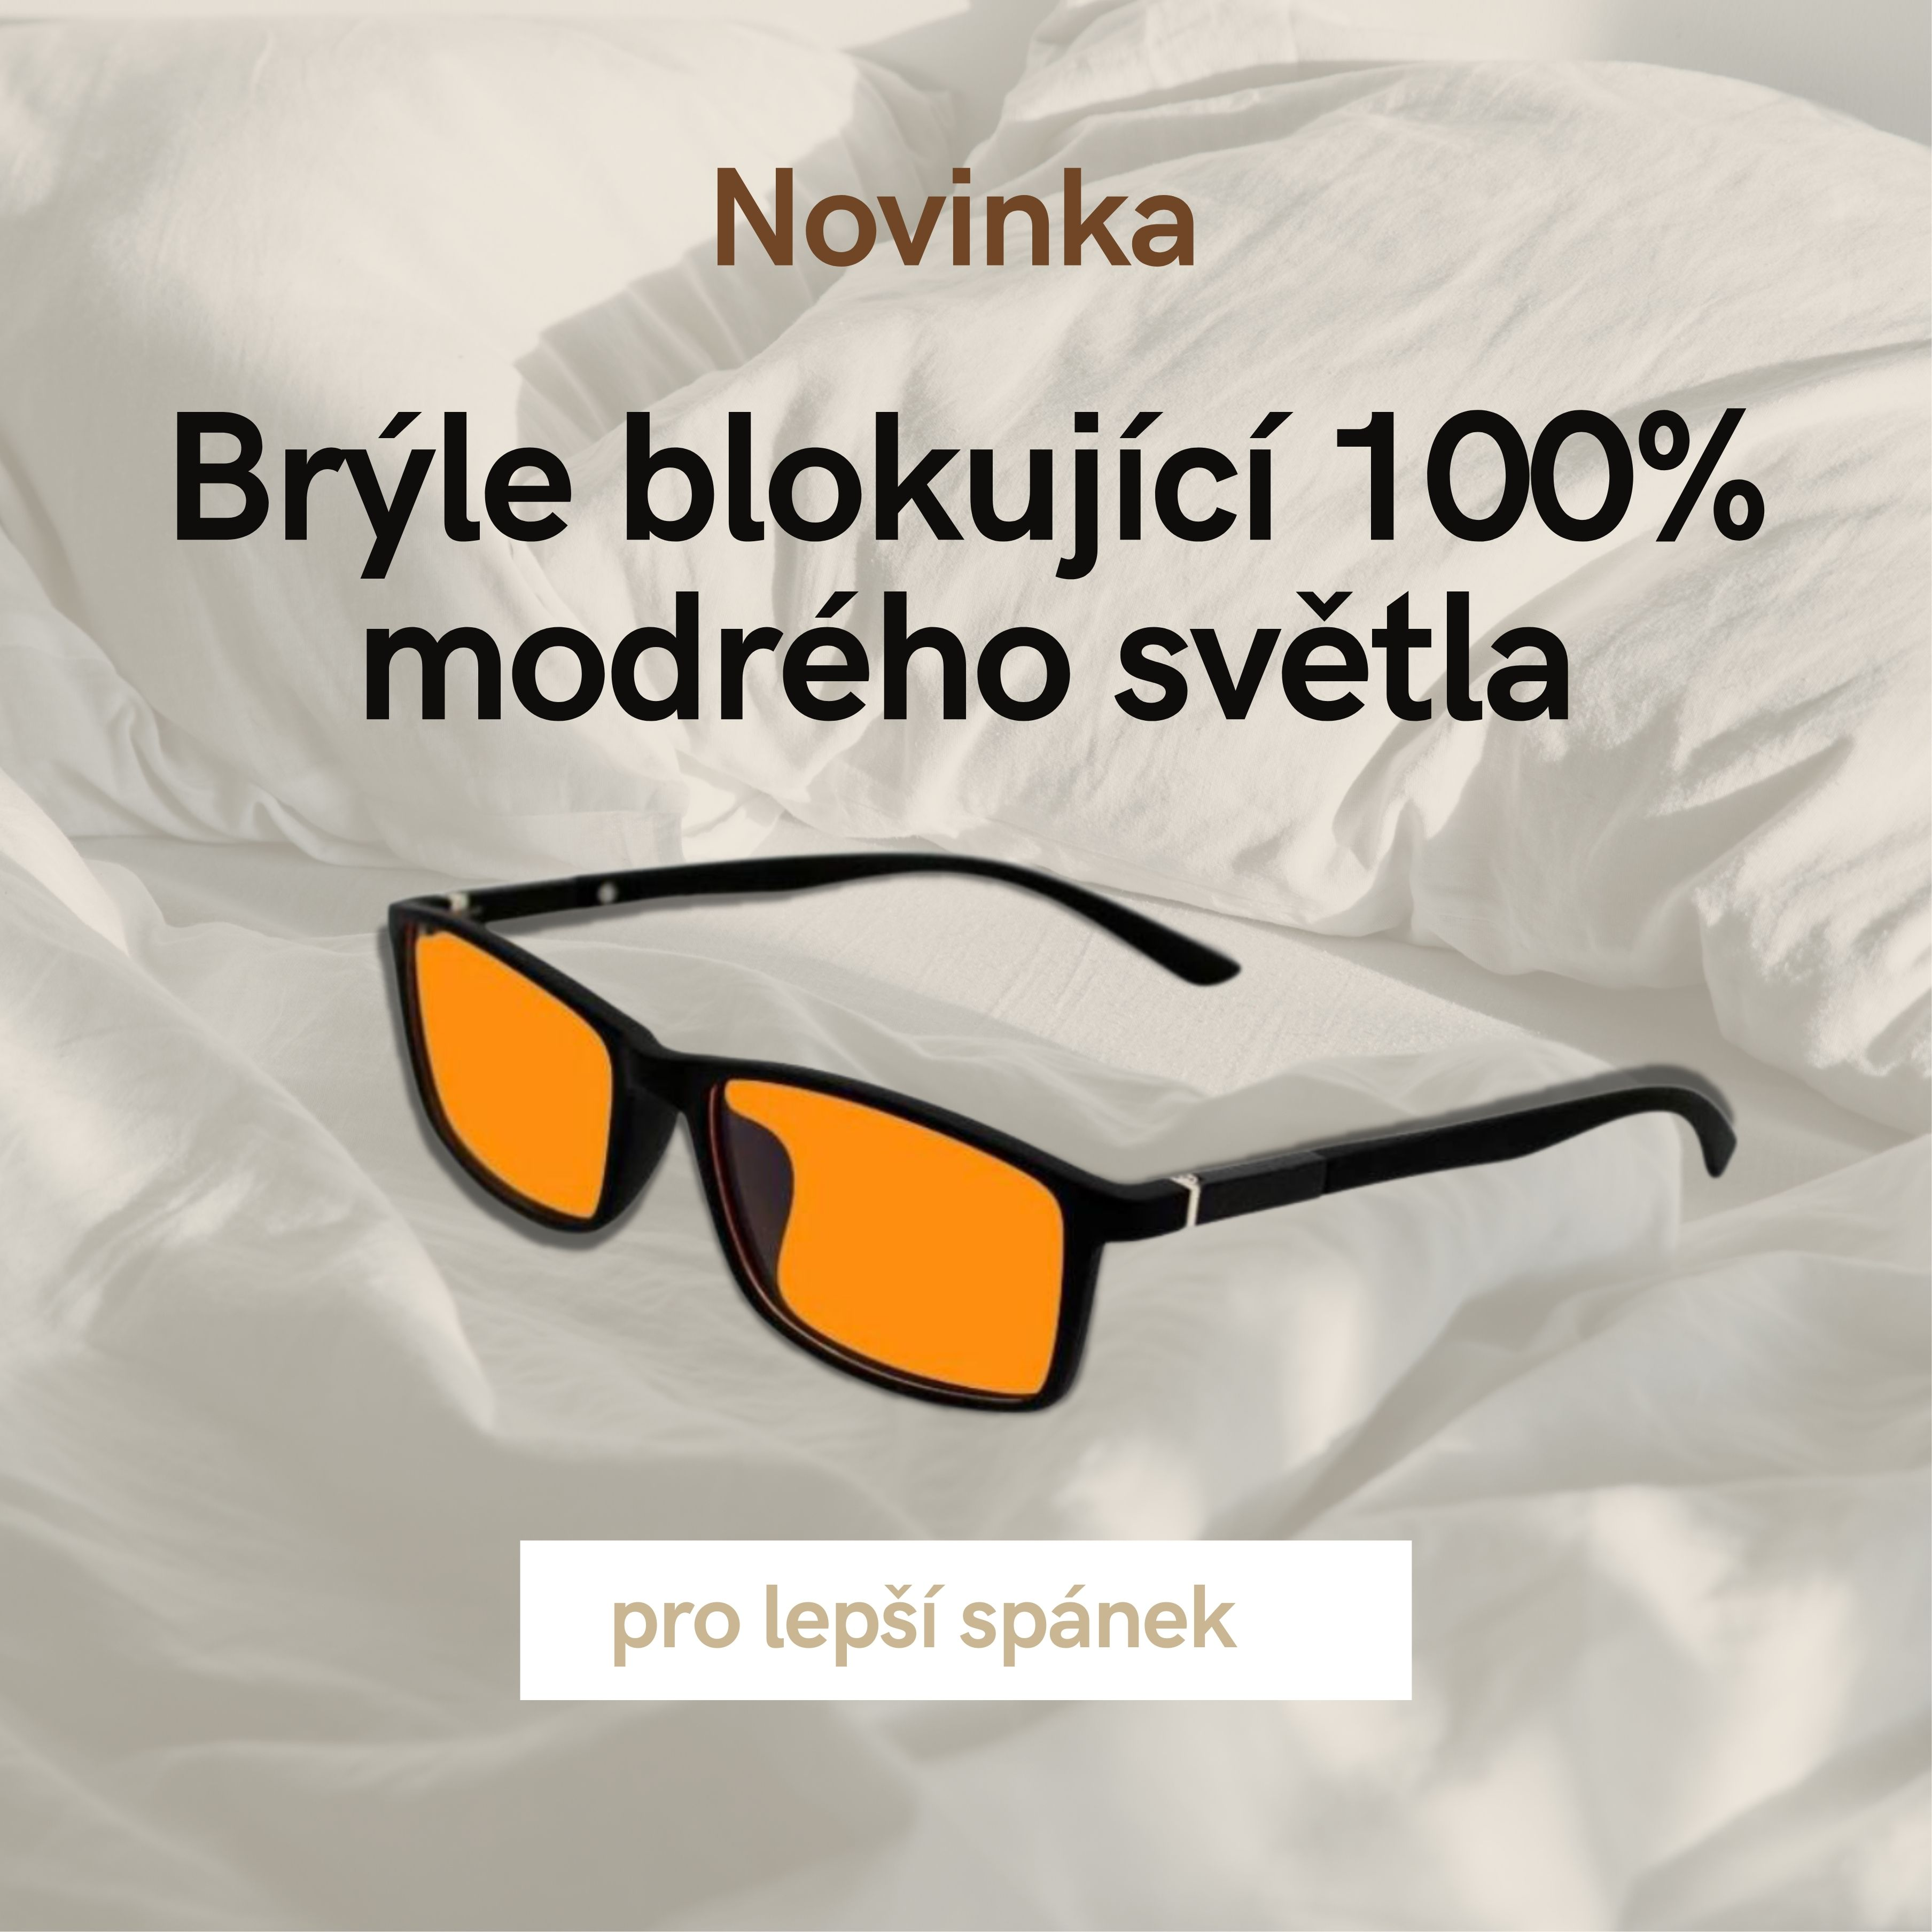 Brýle 100% blokující modré světlo